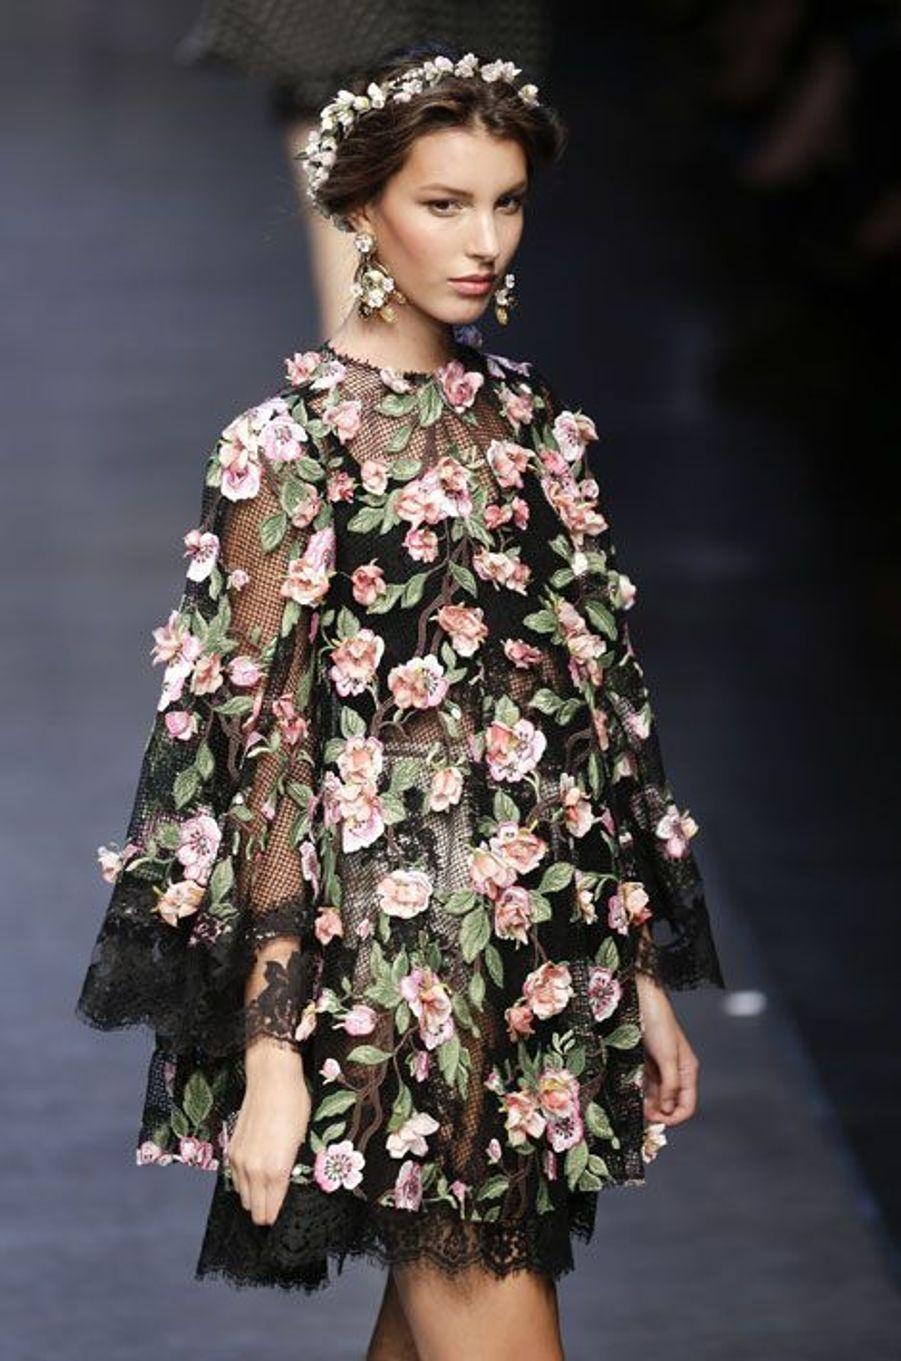 Les déesses grecques de Dolce & Gabbana